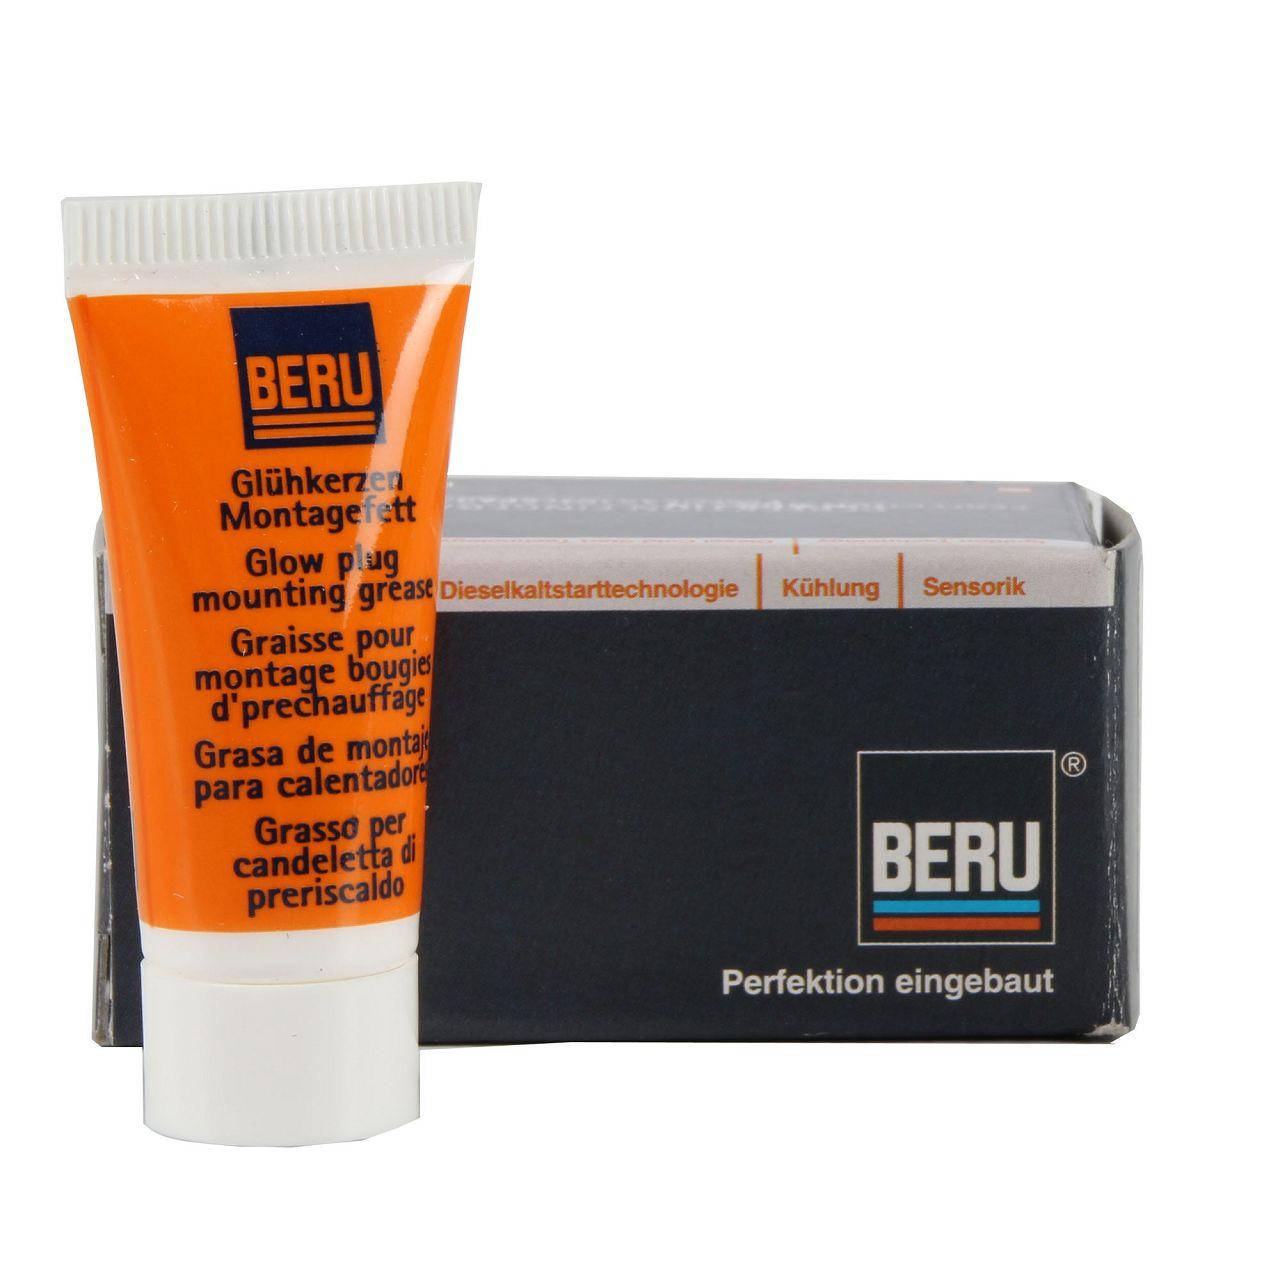 BERU GKF01 Fett Paste Glühkerzen Montagefett Steckerfett 0890300034 10g